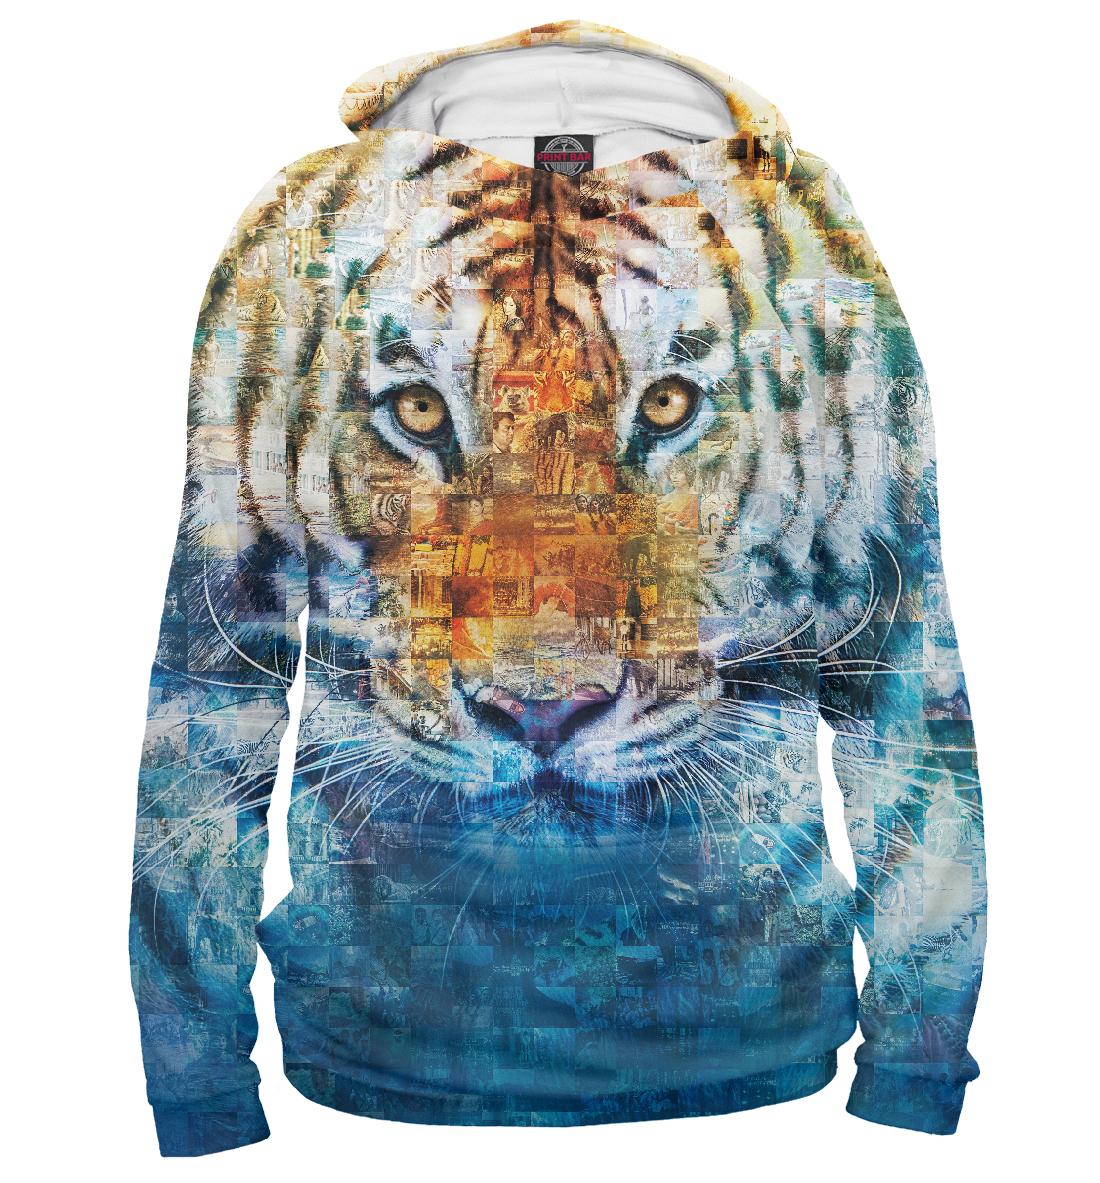 Купить Тигр - Жизнь Пи, Printbar, Худи, HIS-149200-hud-1